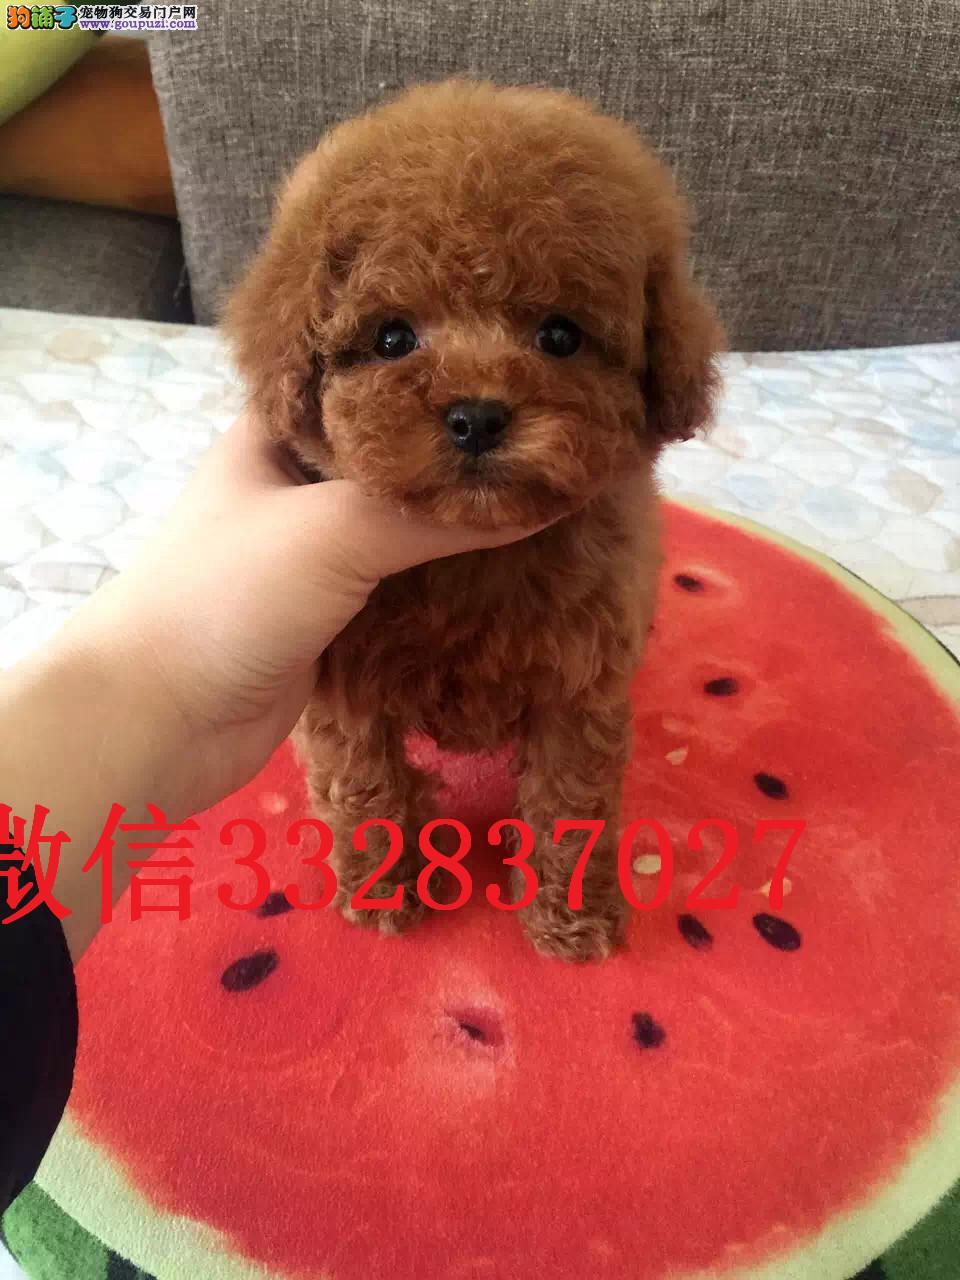 天津泰迪犬出售 小体泰迪 玩具泰迪 天津哪里有卖泰迪